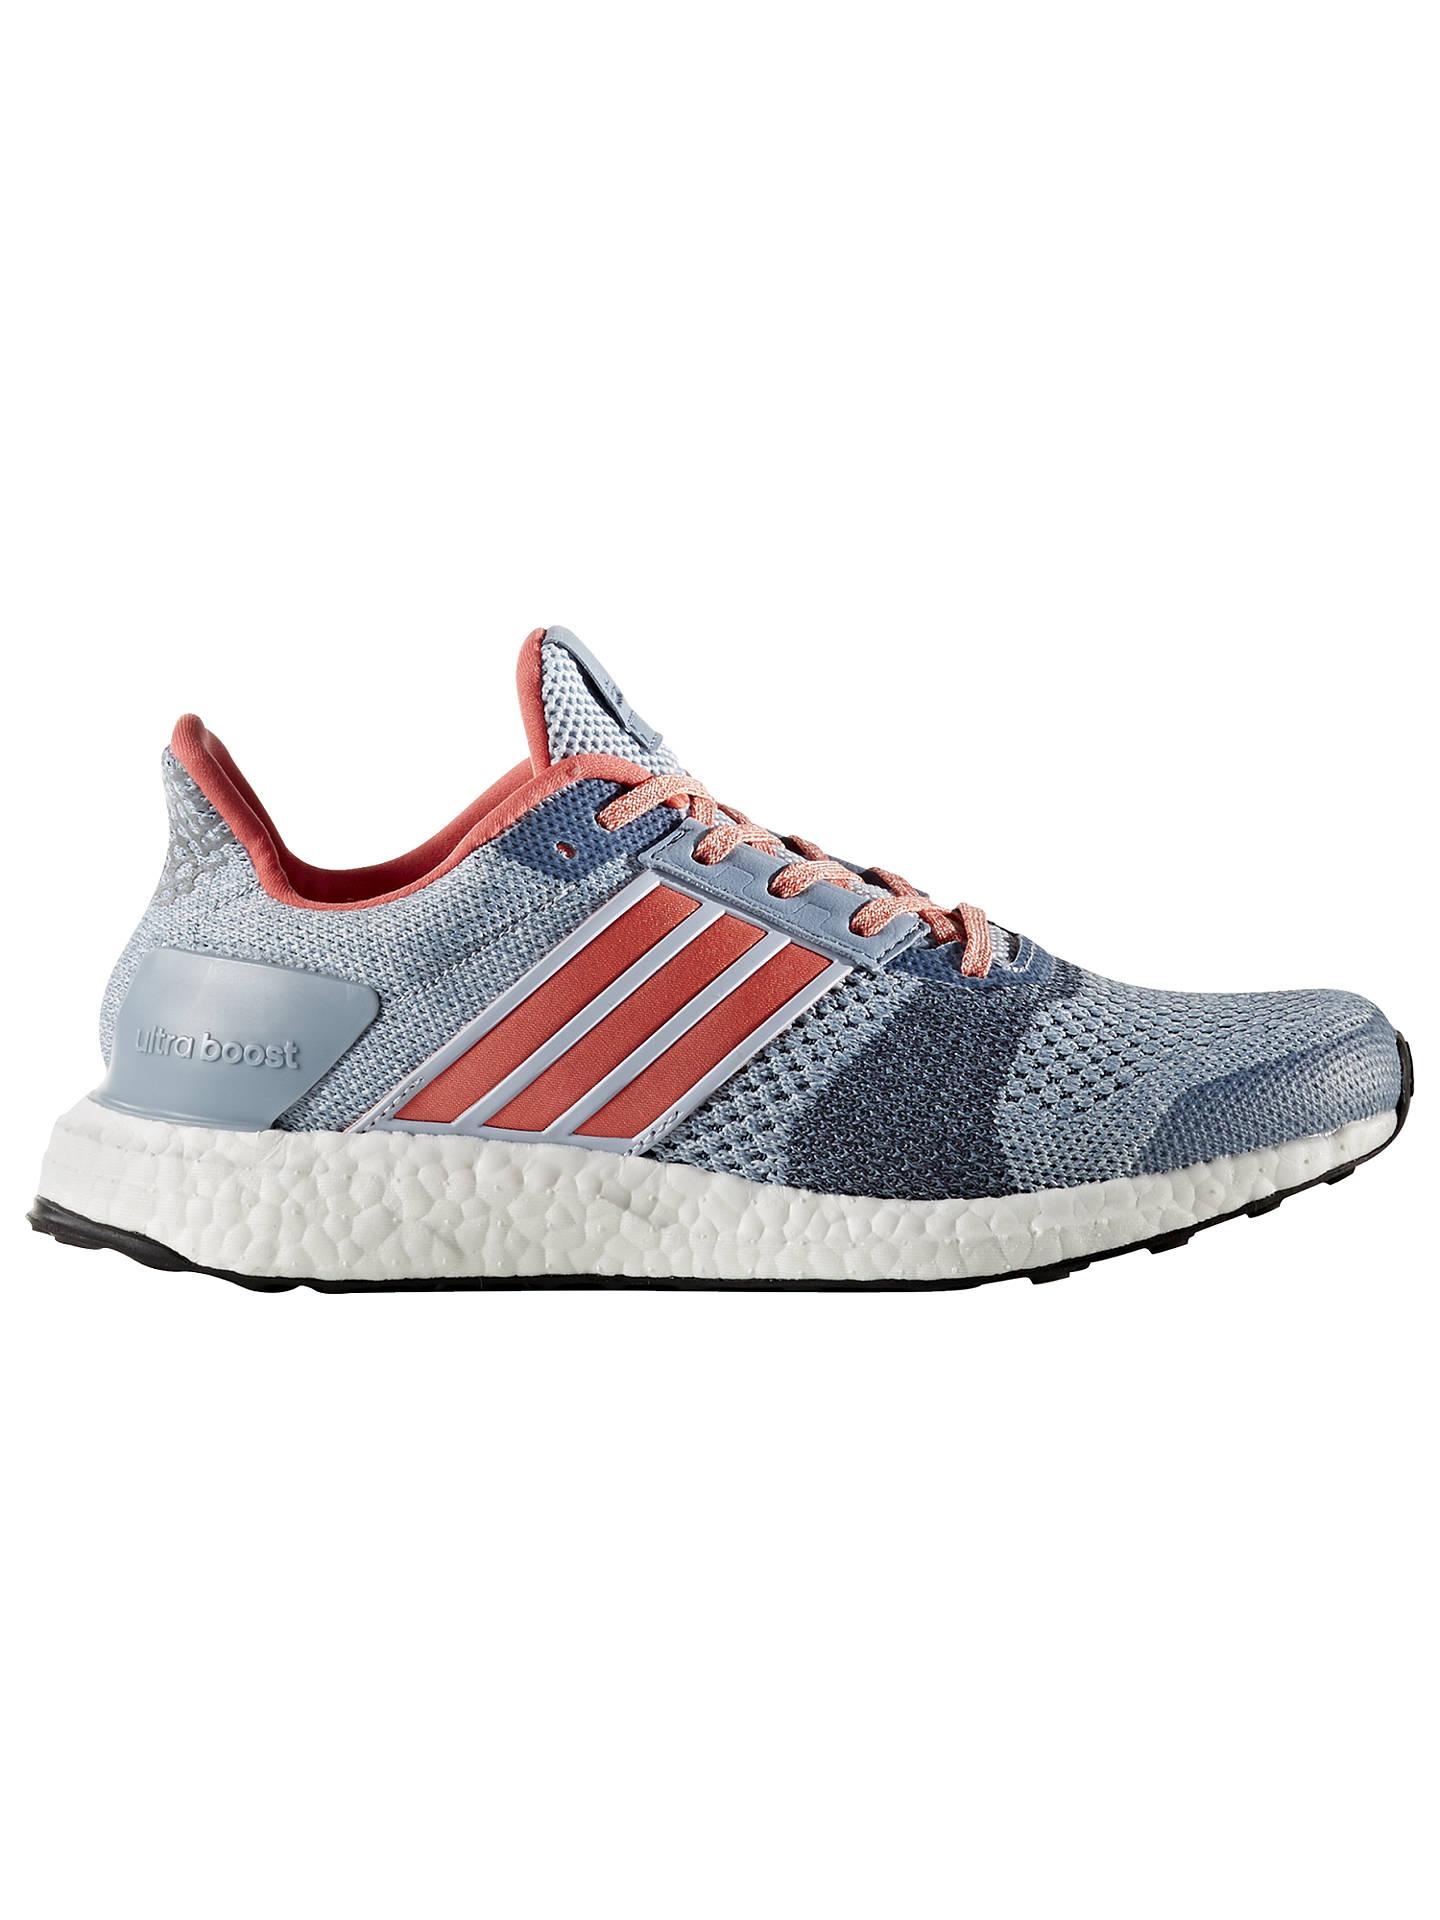 Adidas Ultra Boost ST Women's Running Shoes, Blue at John